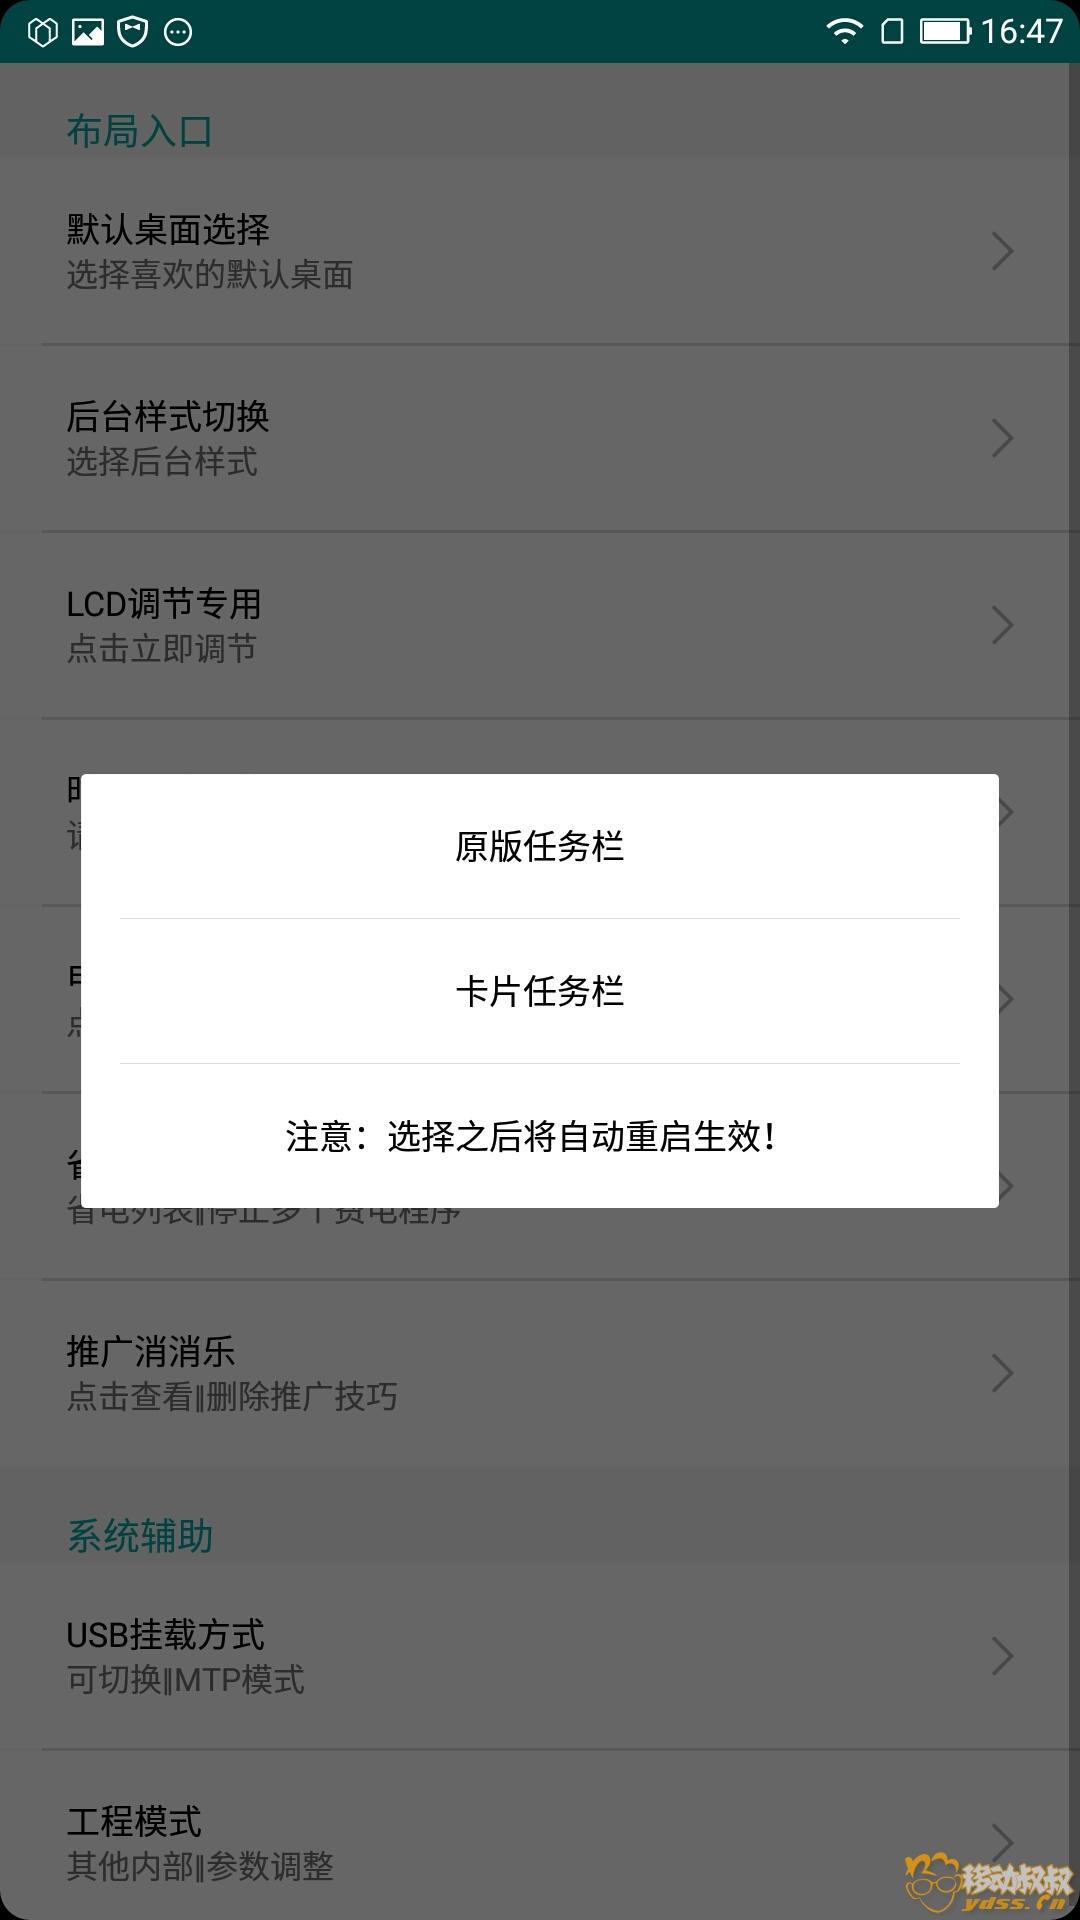 Screenshot_20180328-164720.jpg